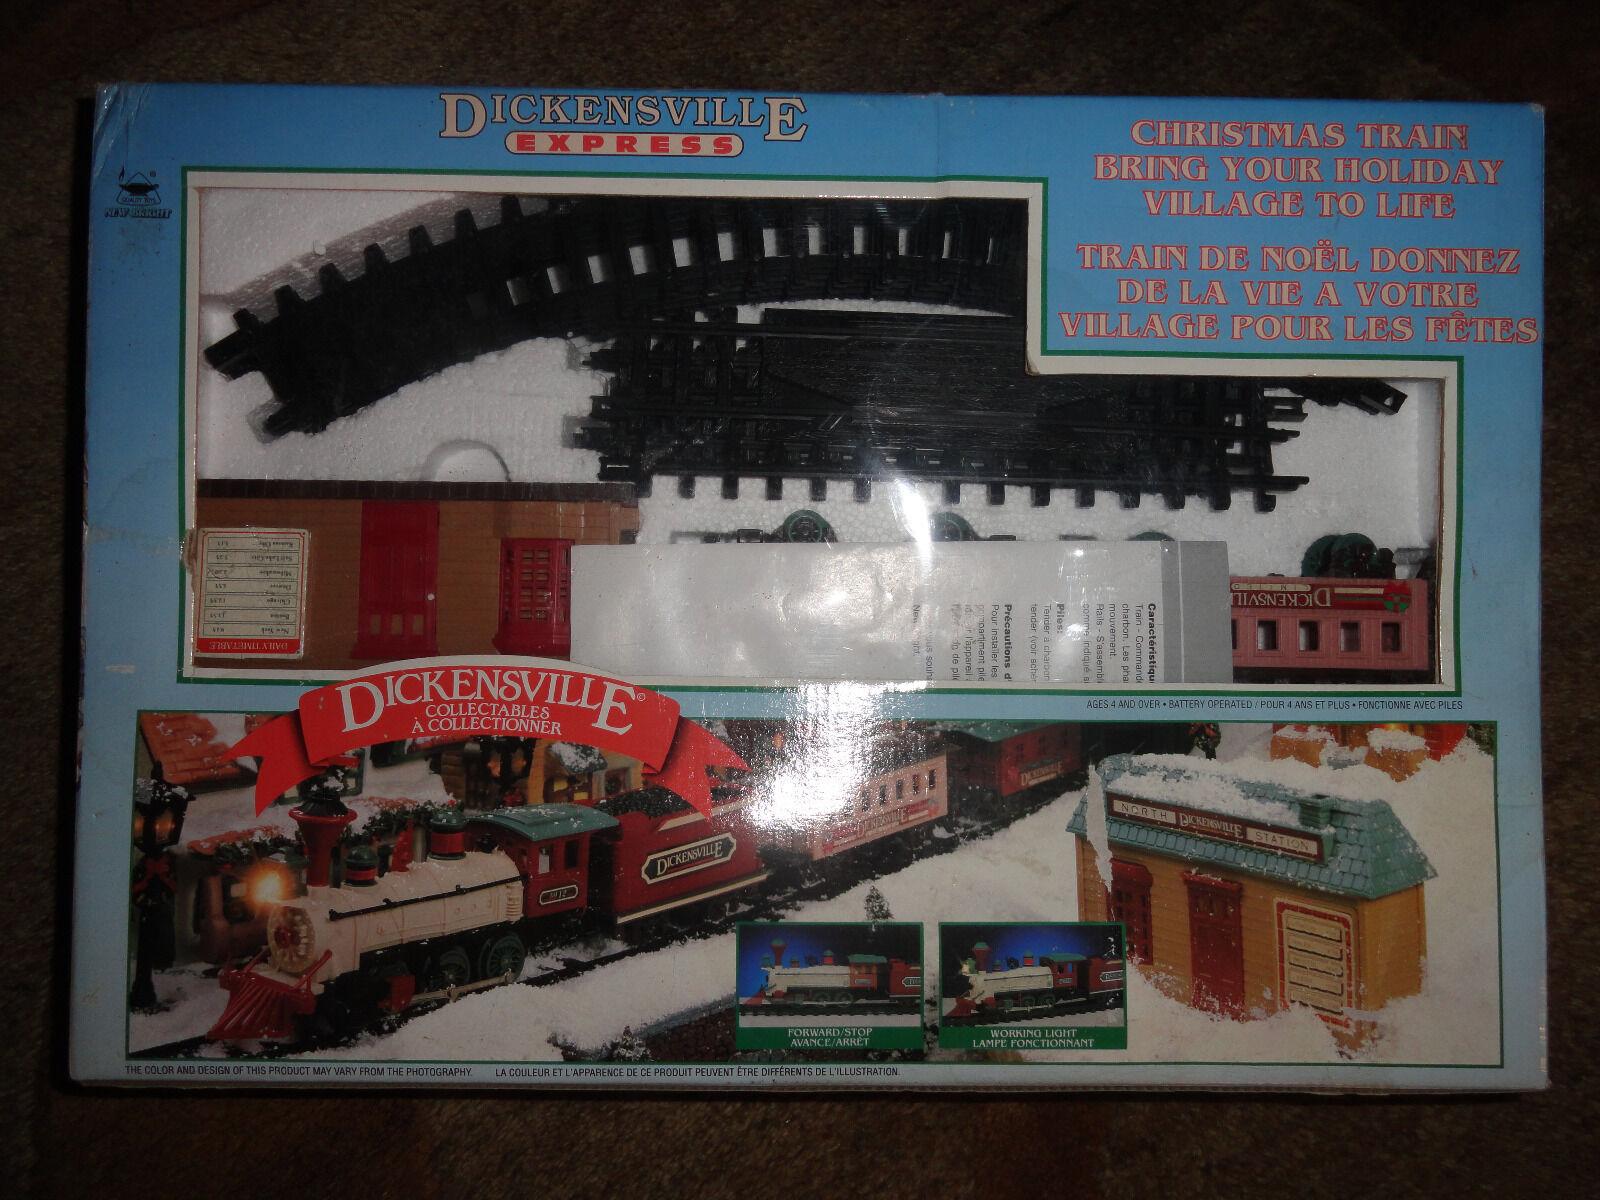 envío rápido en todo el mundo Tren De Navidad dickensville Express 1996 aún en en en paquete (nuevo)  mejor servicio